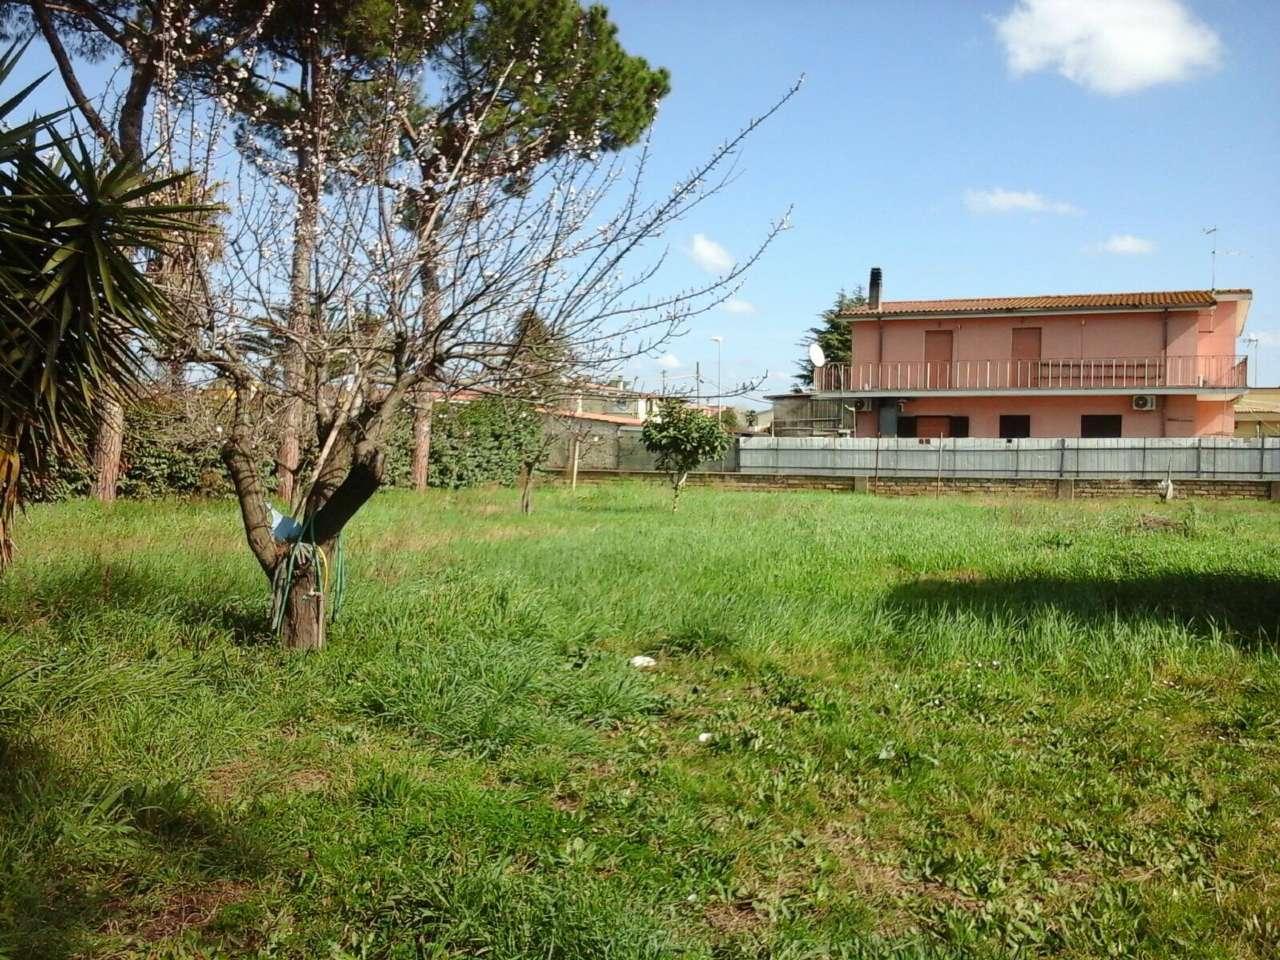 Soluzione Indipendente in vendita a Ardea, 2 locali, prezzo € 60.000   Cambio Casa.it